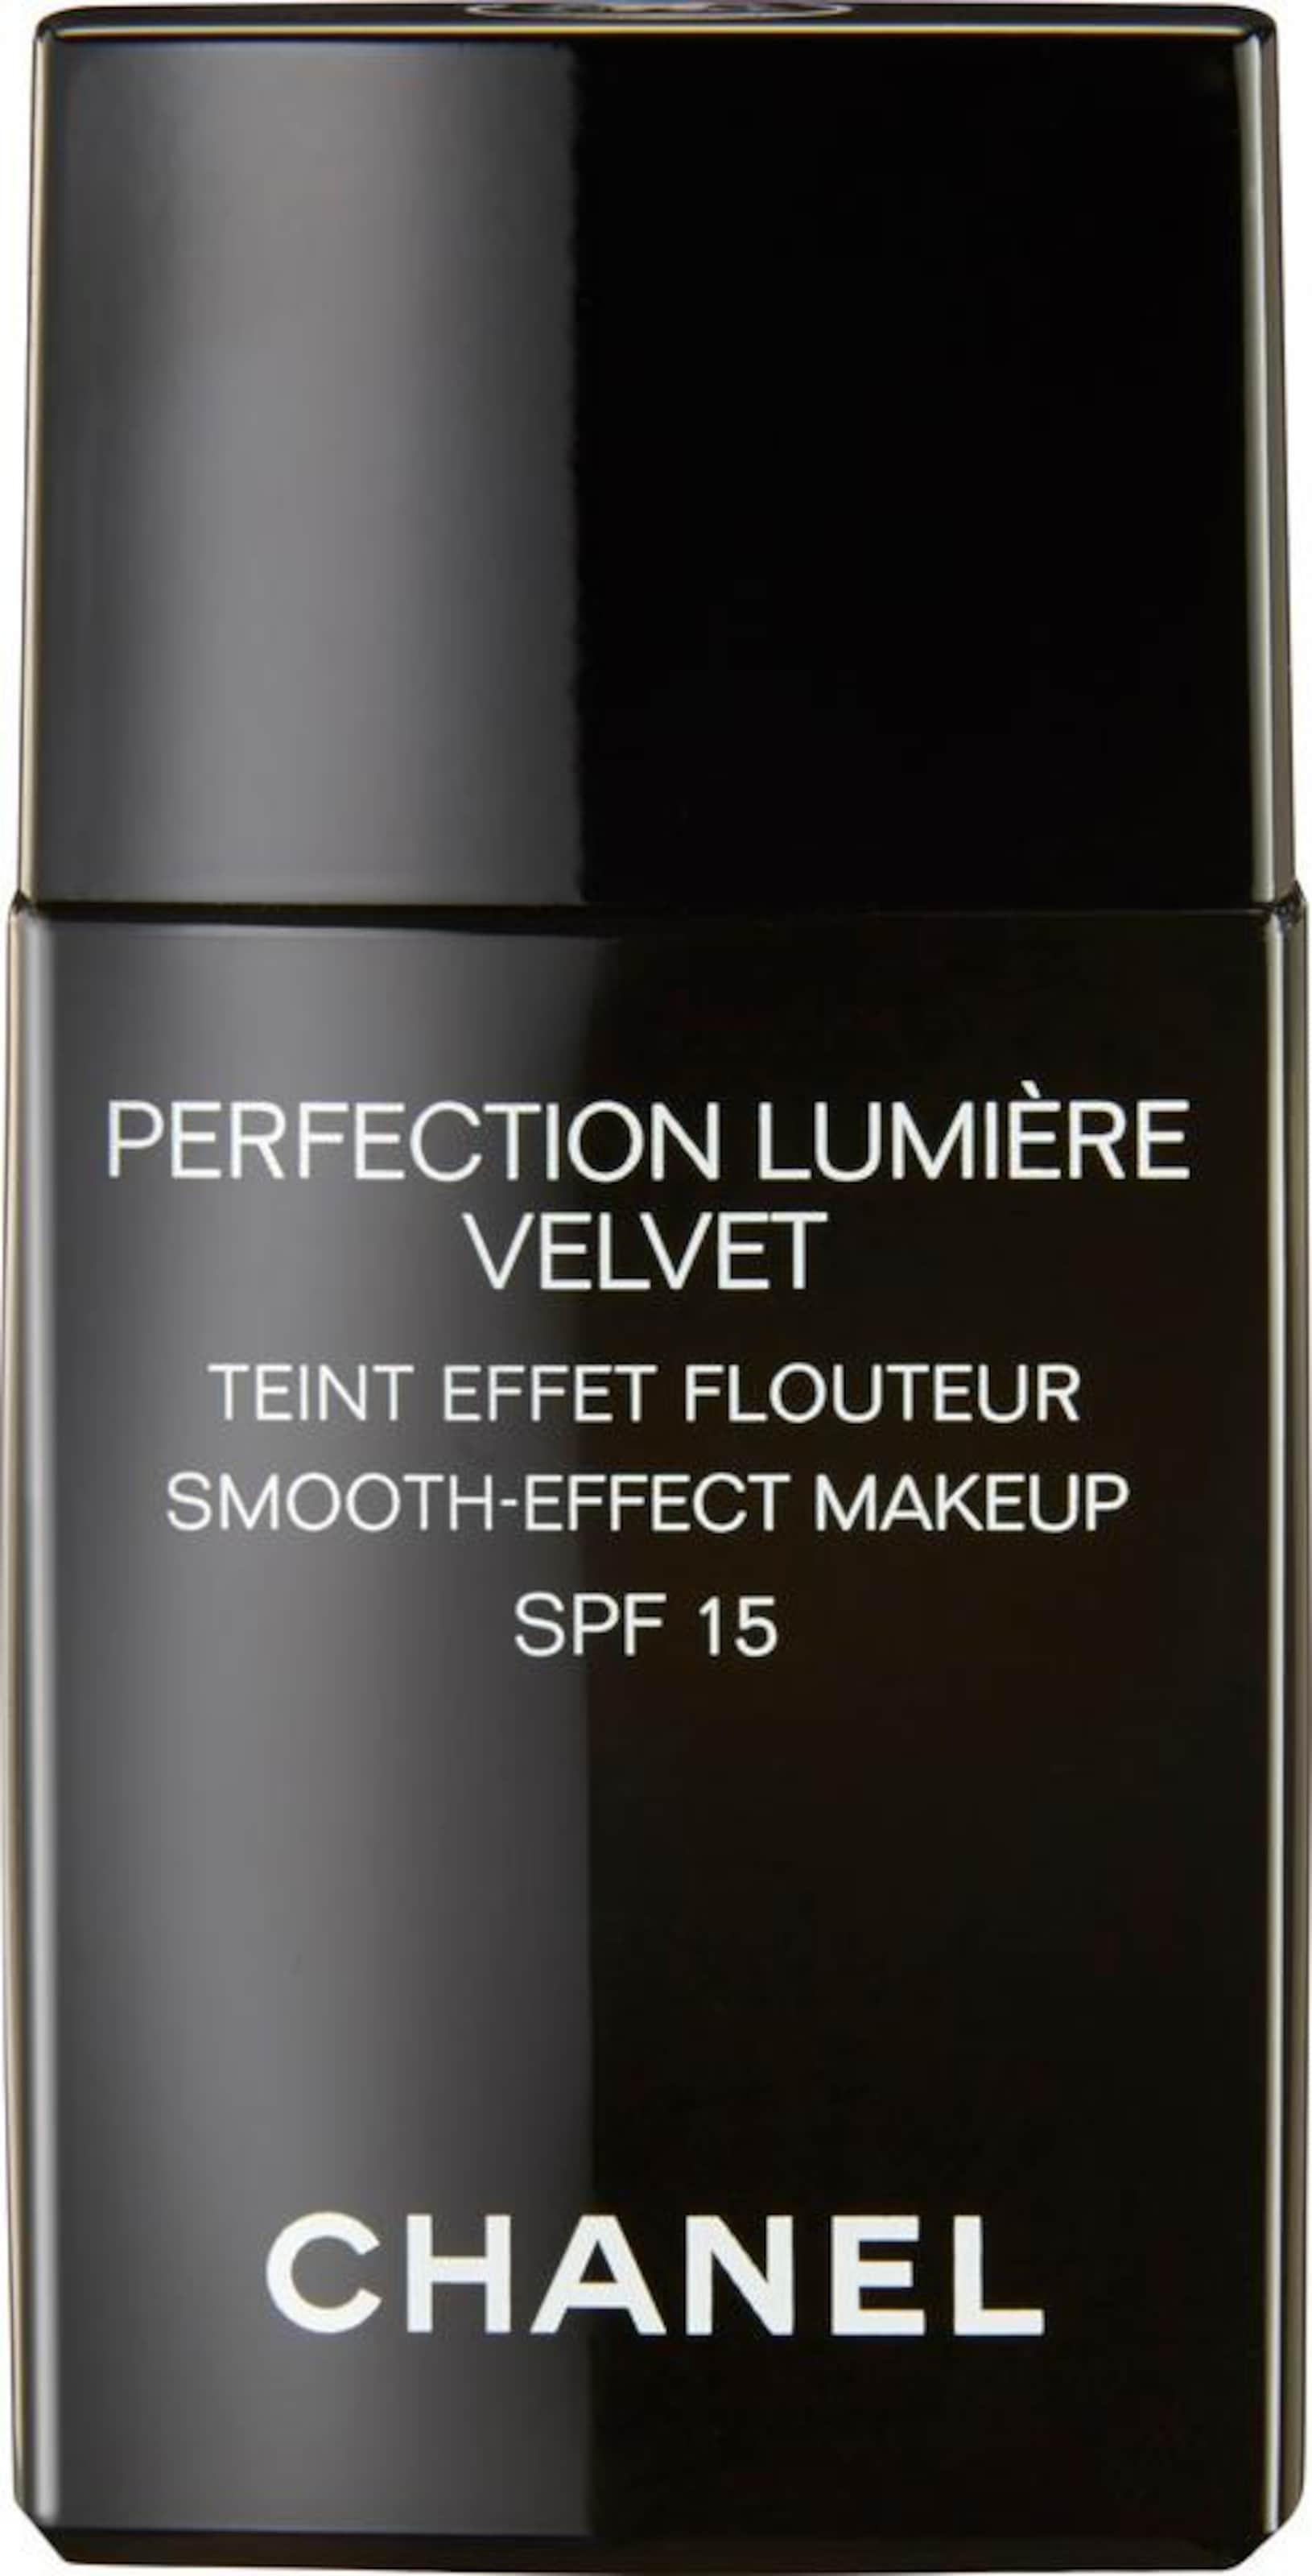 CHANEL 'Perfection Lumière Velvet' Fluid-Make-up Auslass 100% Original Authentische Online Rabatte Die Günstigste Online-Verkauf cklI0b2HUn